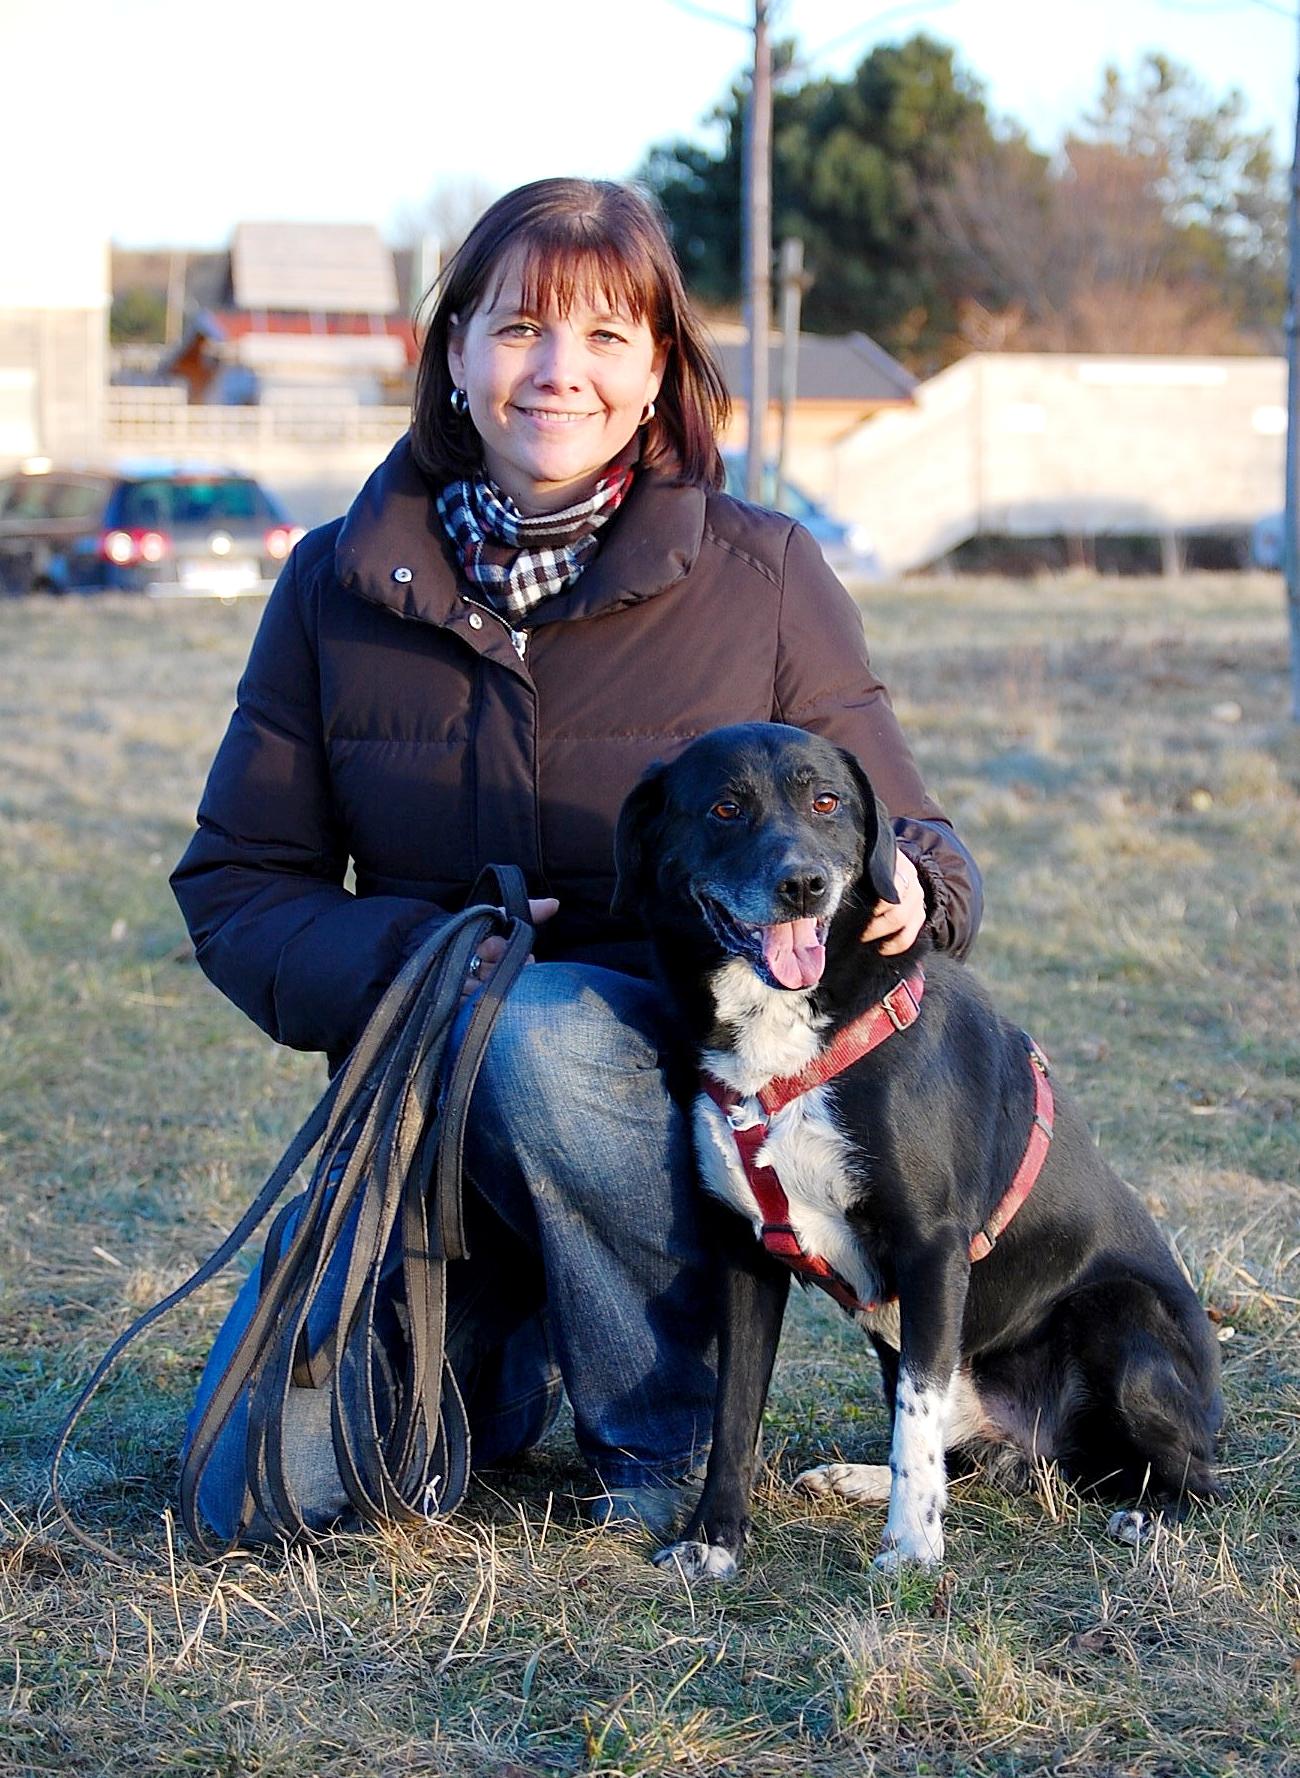 Besonders für Hunde die längere Zeit im Tierheim verbringen sind die Betreuungspaten sehr wichtige Bezugspersonen, die sich um Abwechslung im Alltag der Tierheimhunde kümmern.